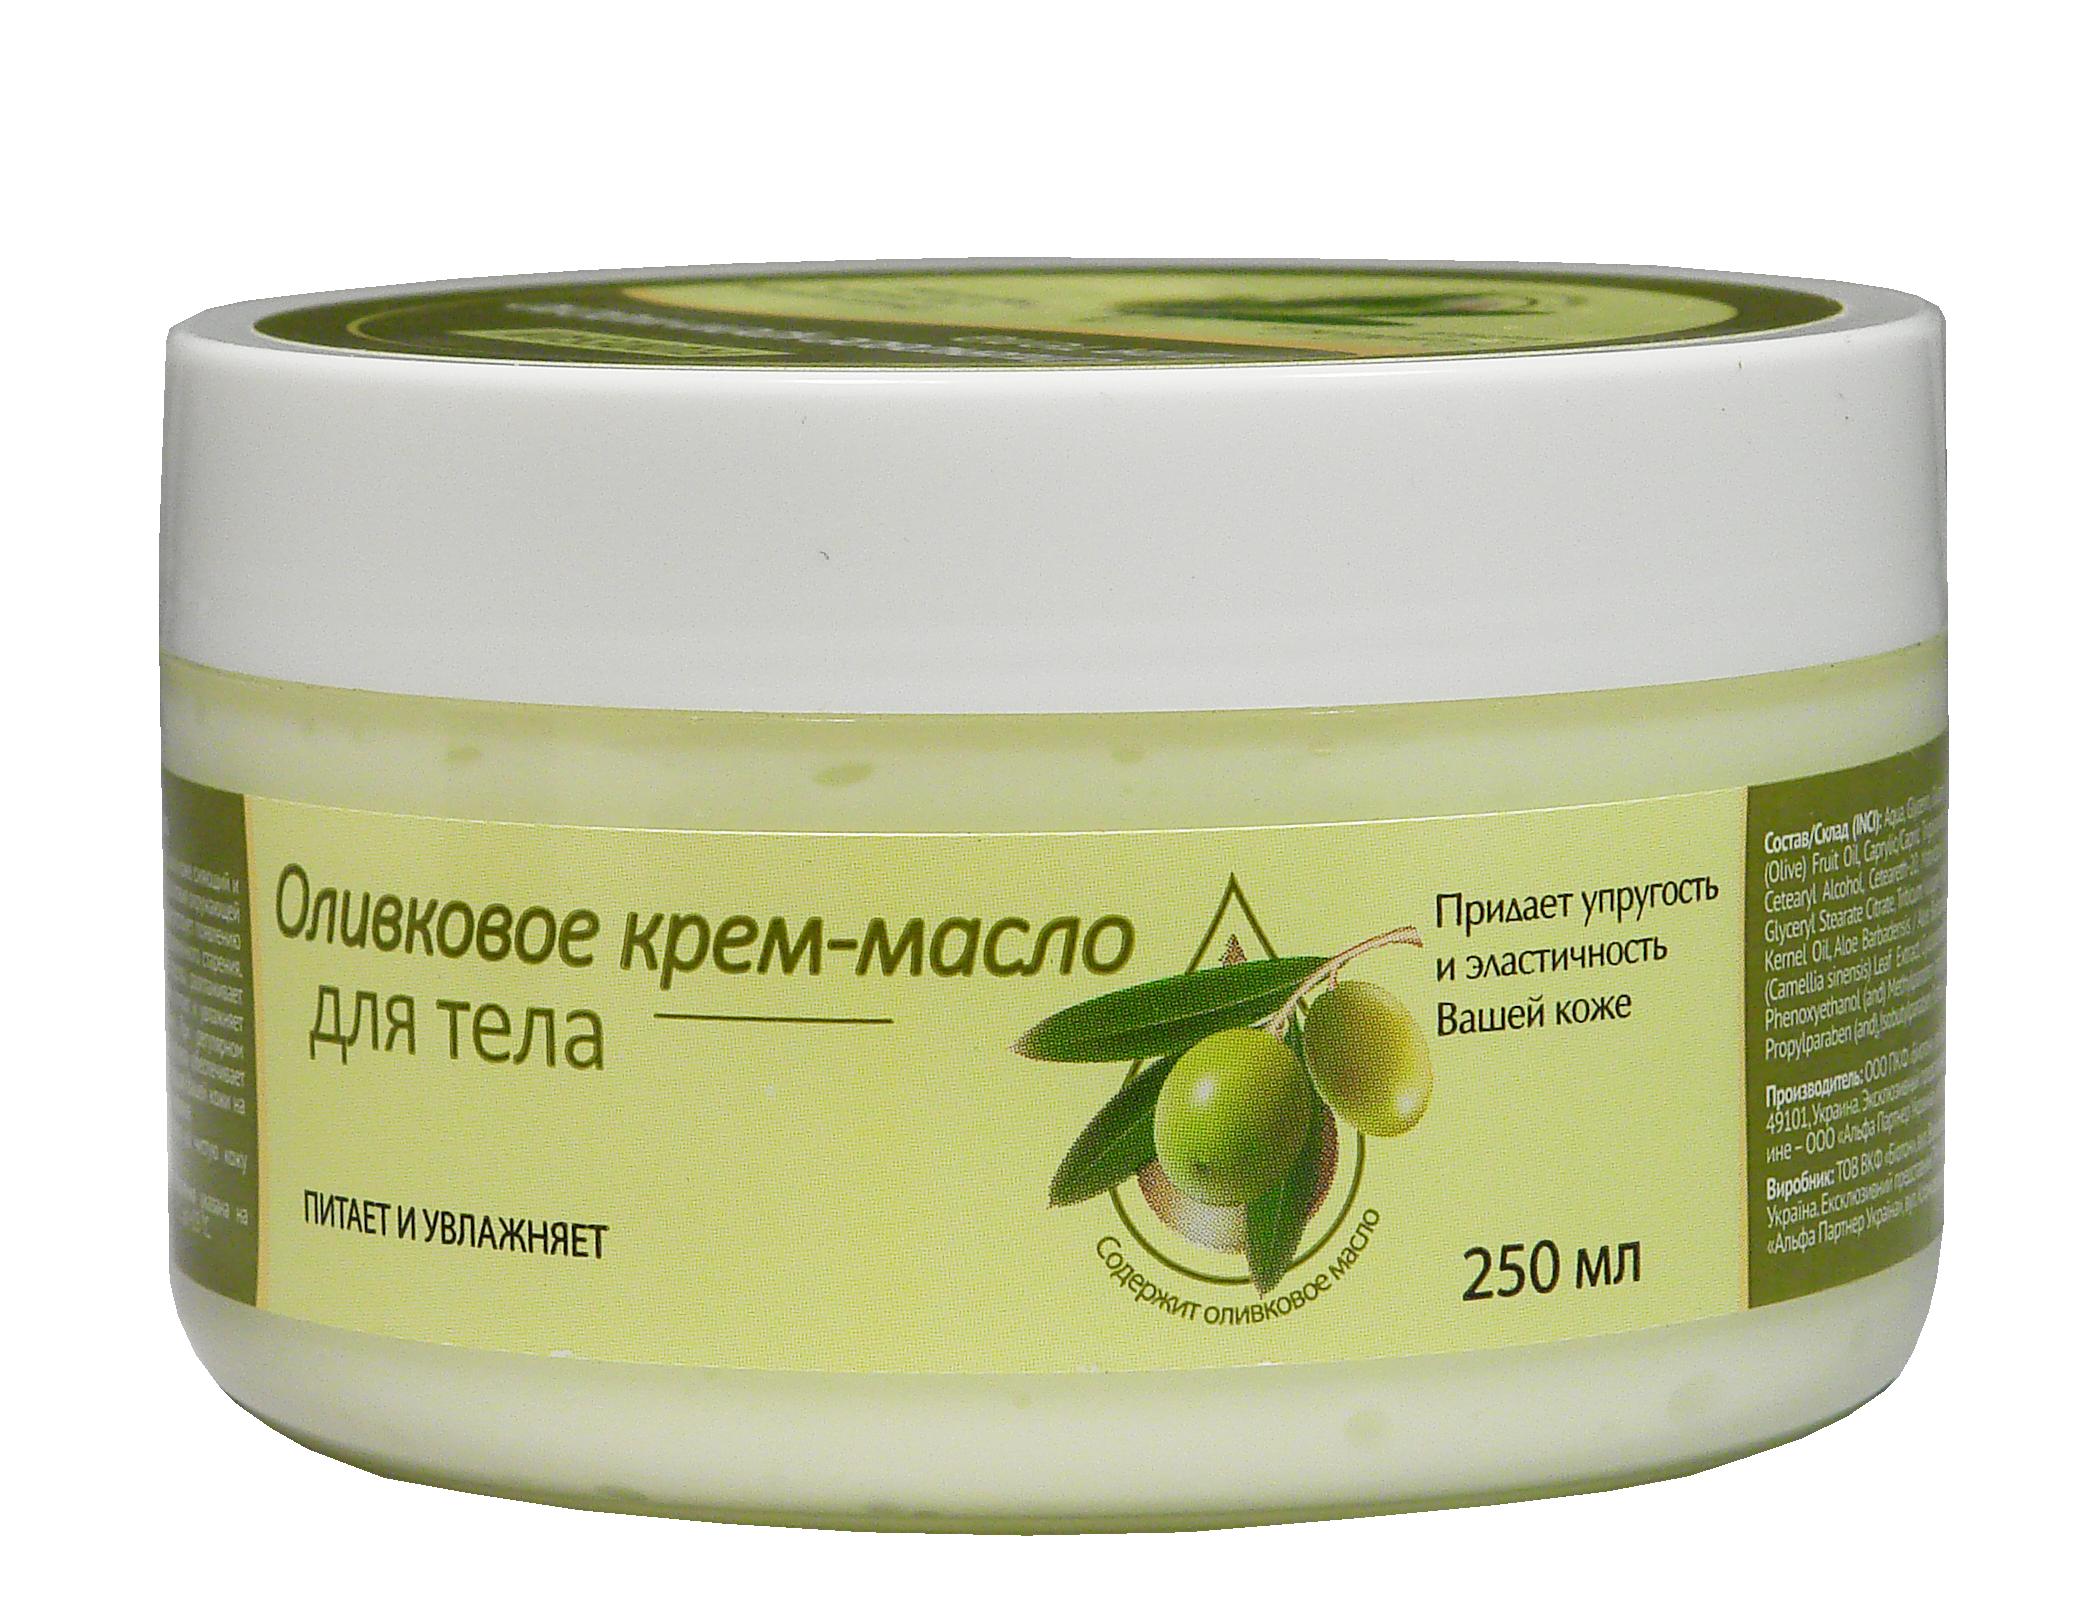 Оливковое крем-масло для тела ТМ Floresan 250 мл